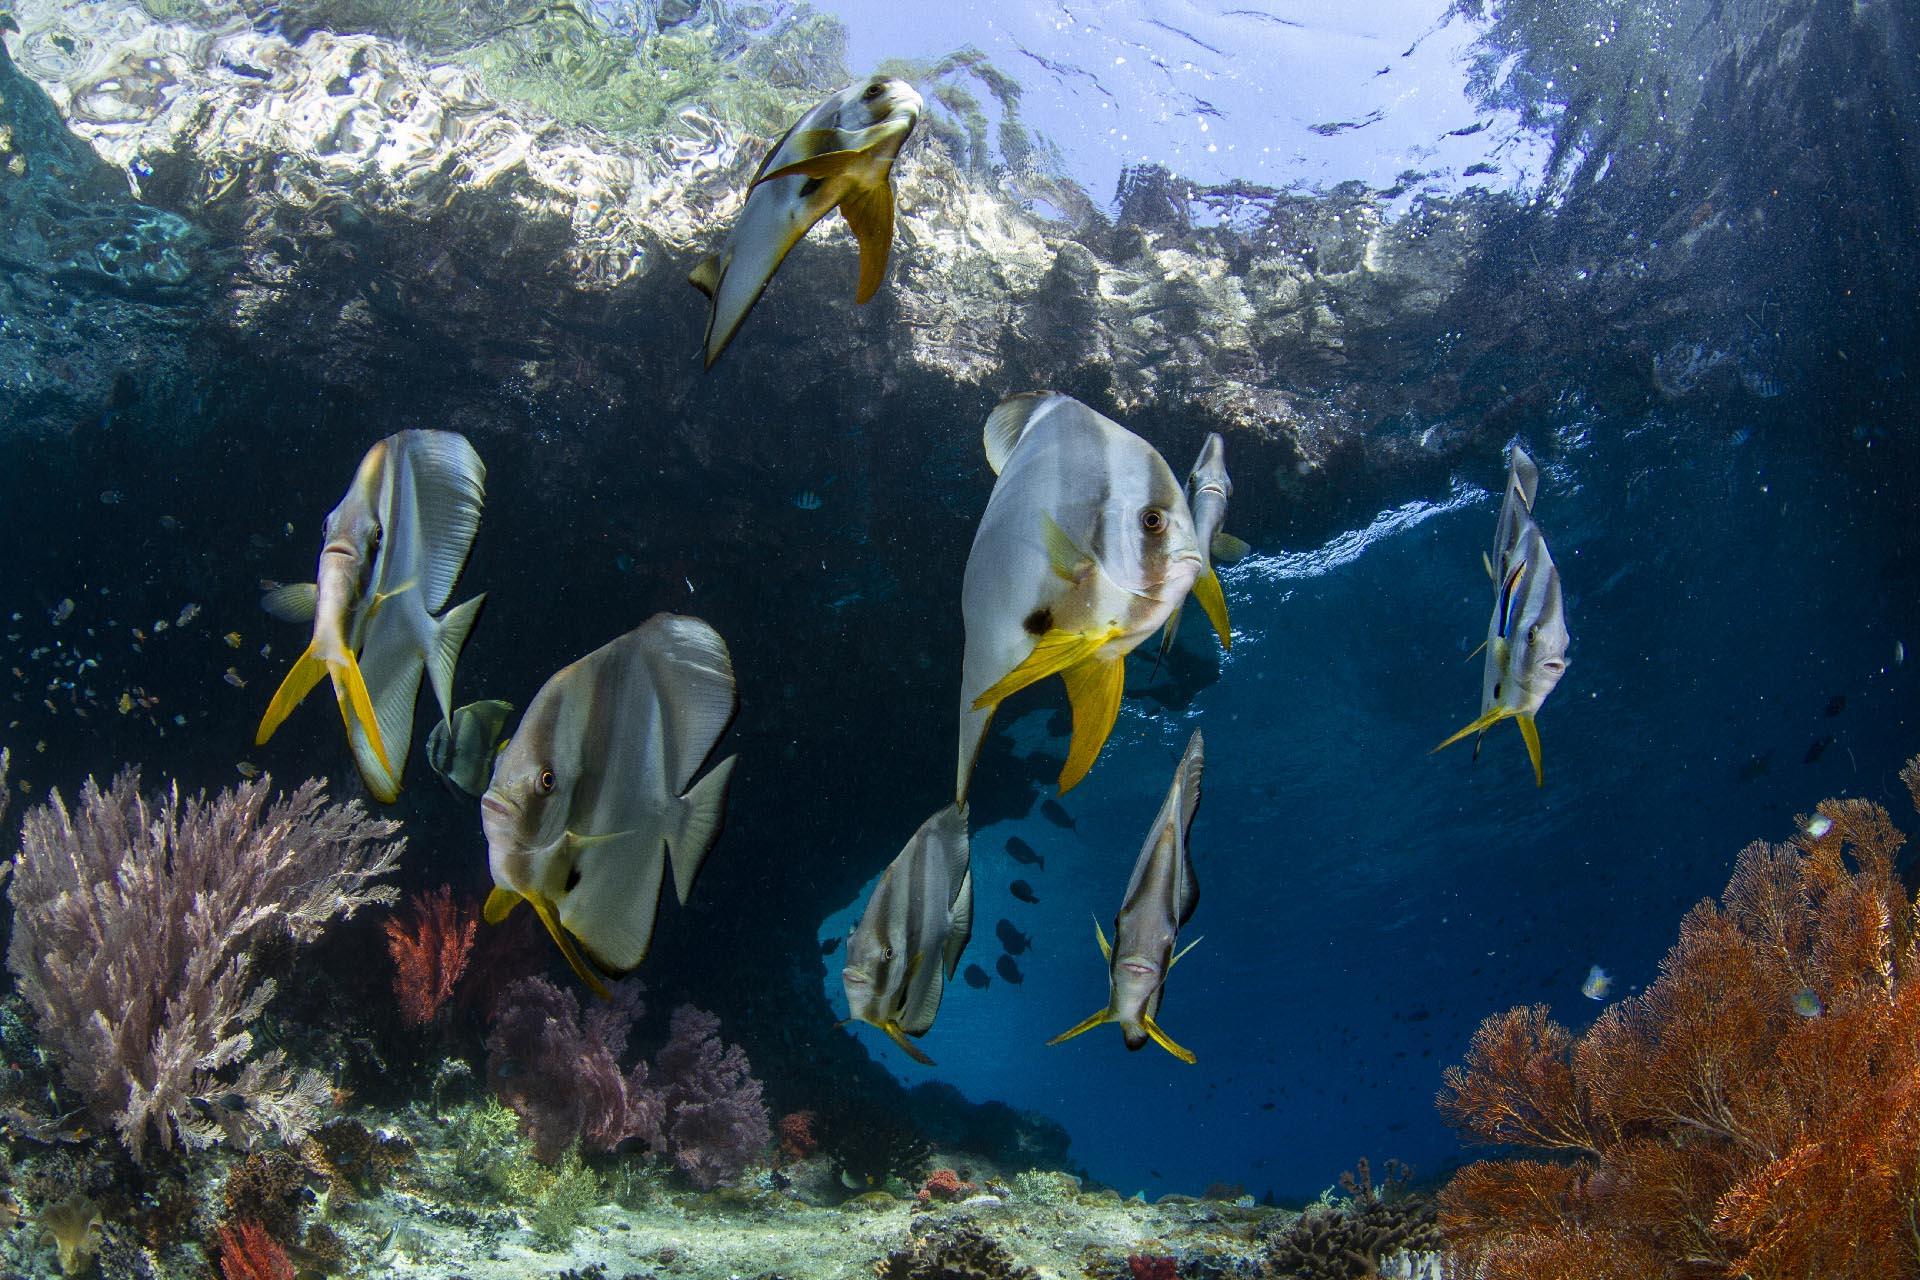 school of batfish in coral reef